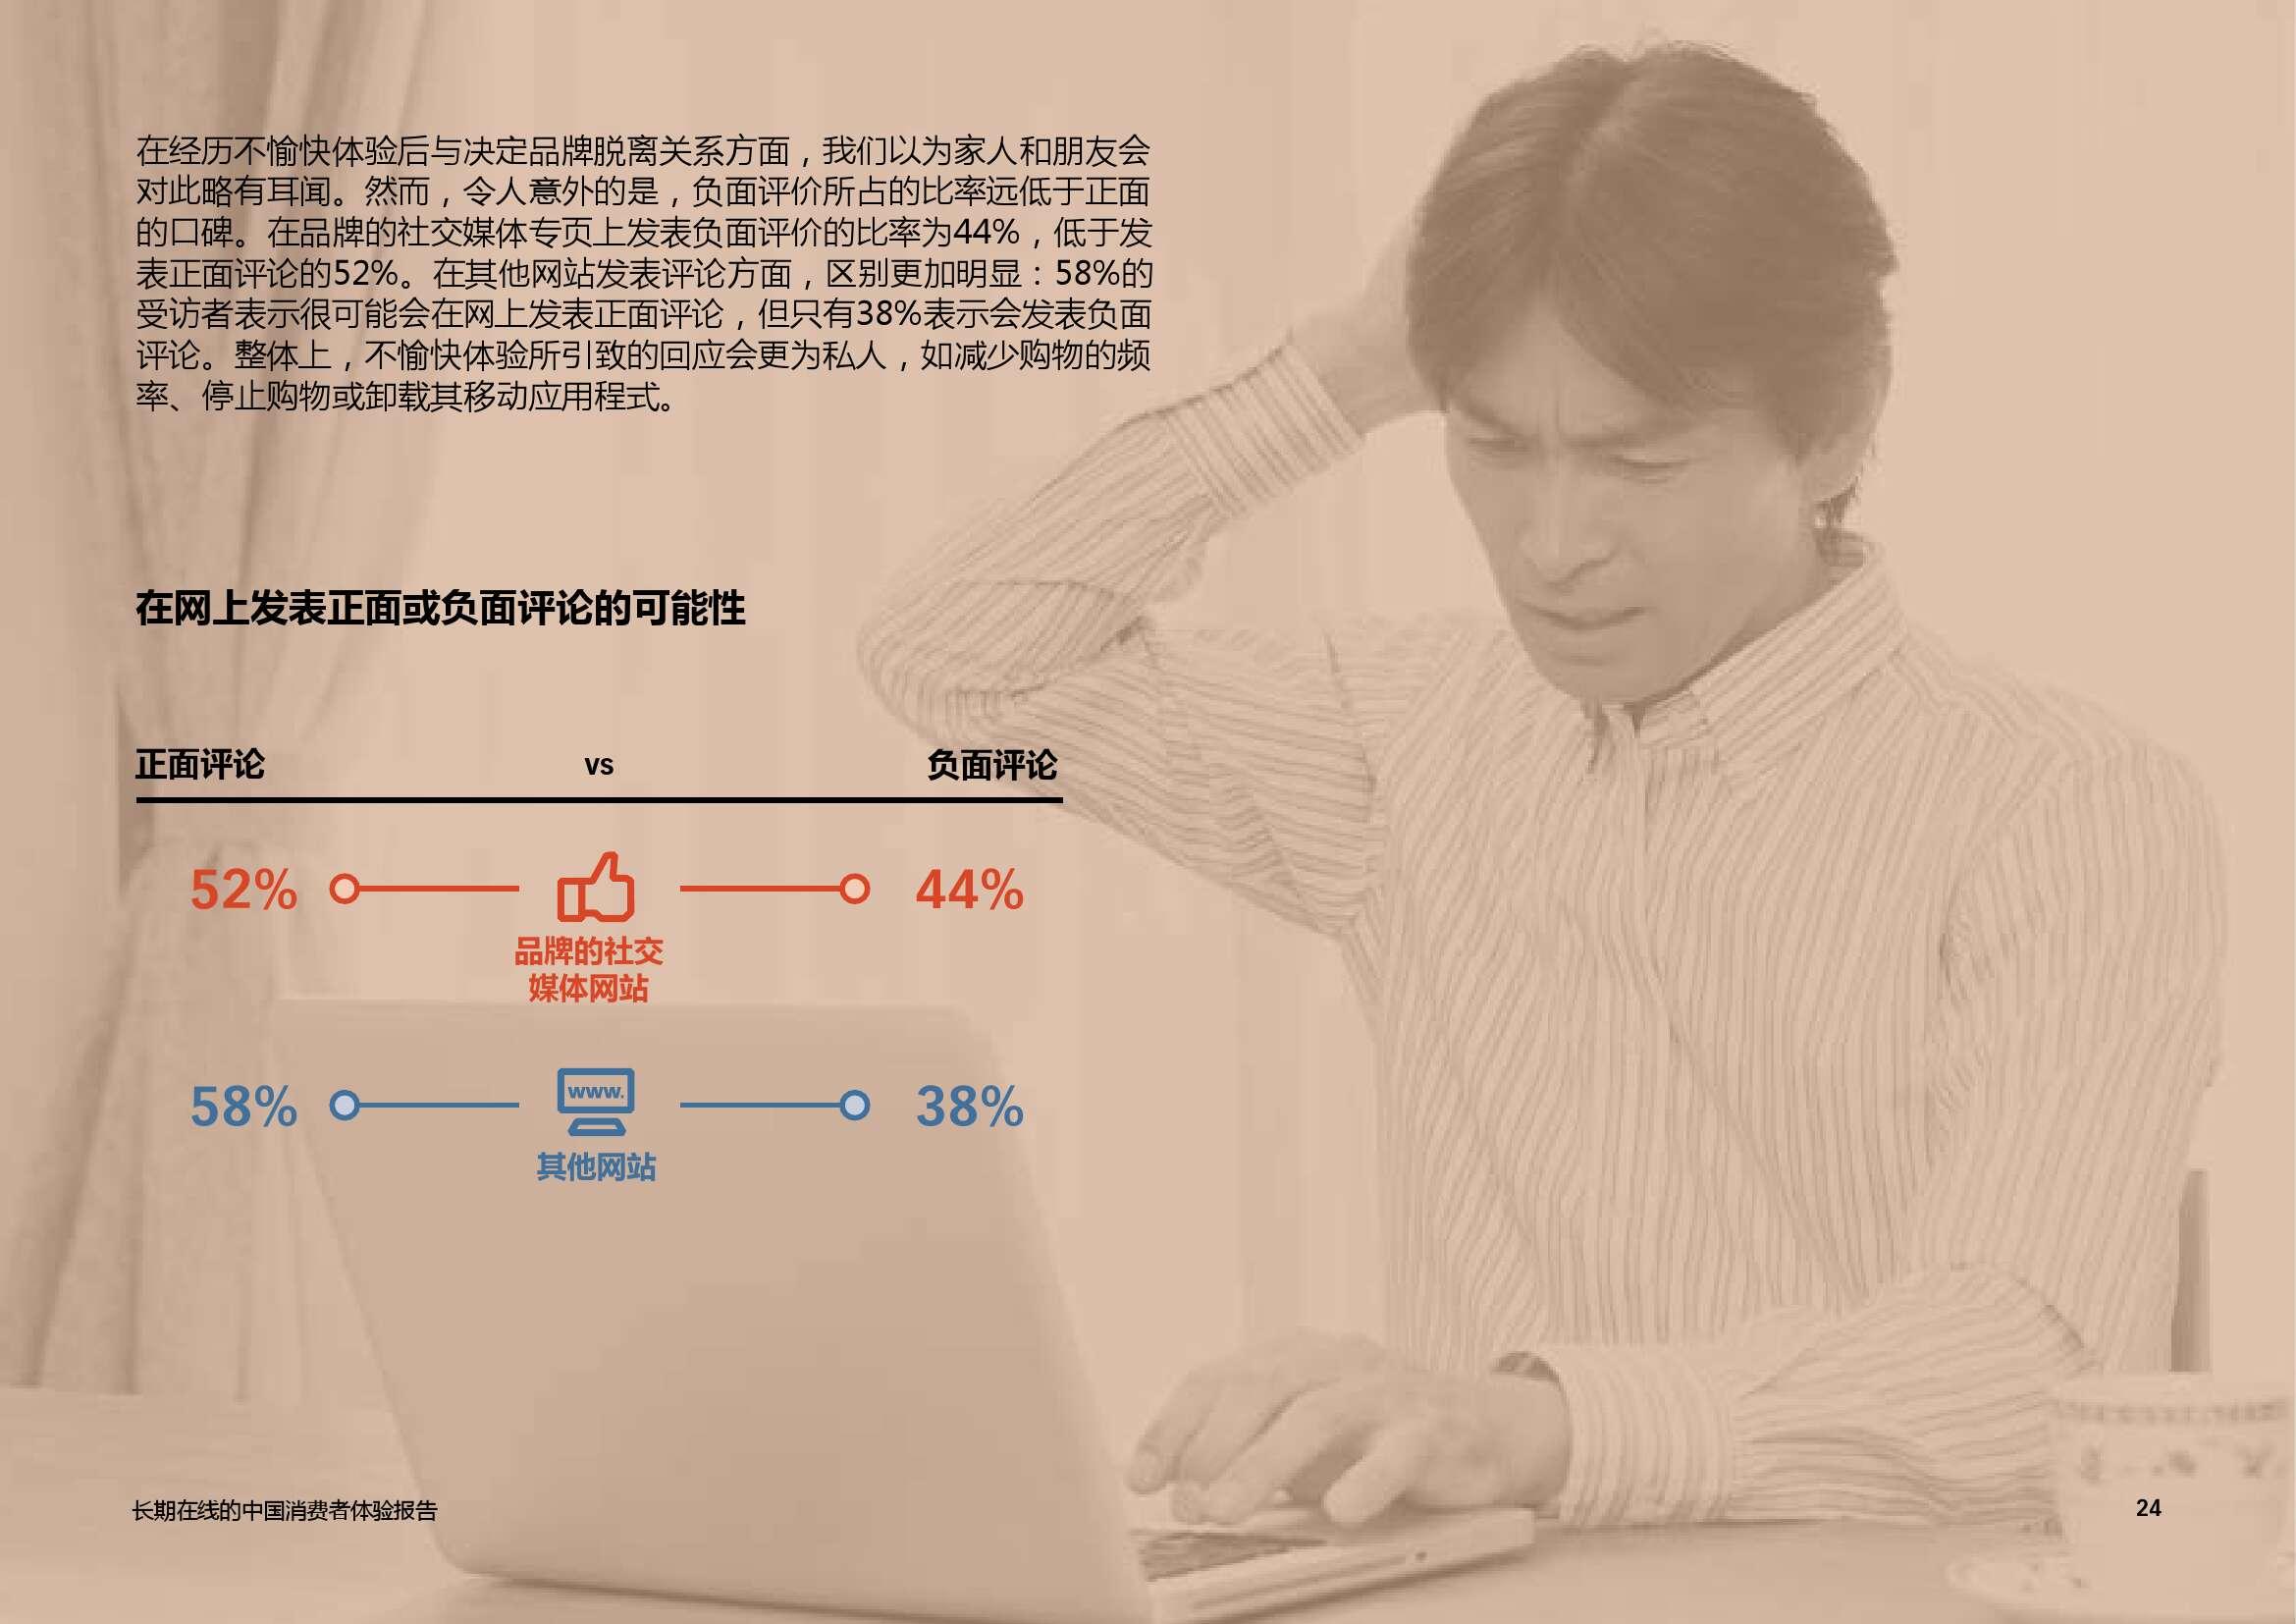 艾司隆 (Epsilon):2015中国消费者品牌体验报告_000024